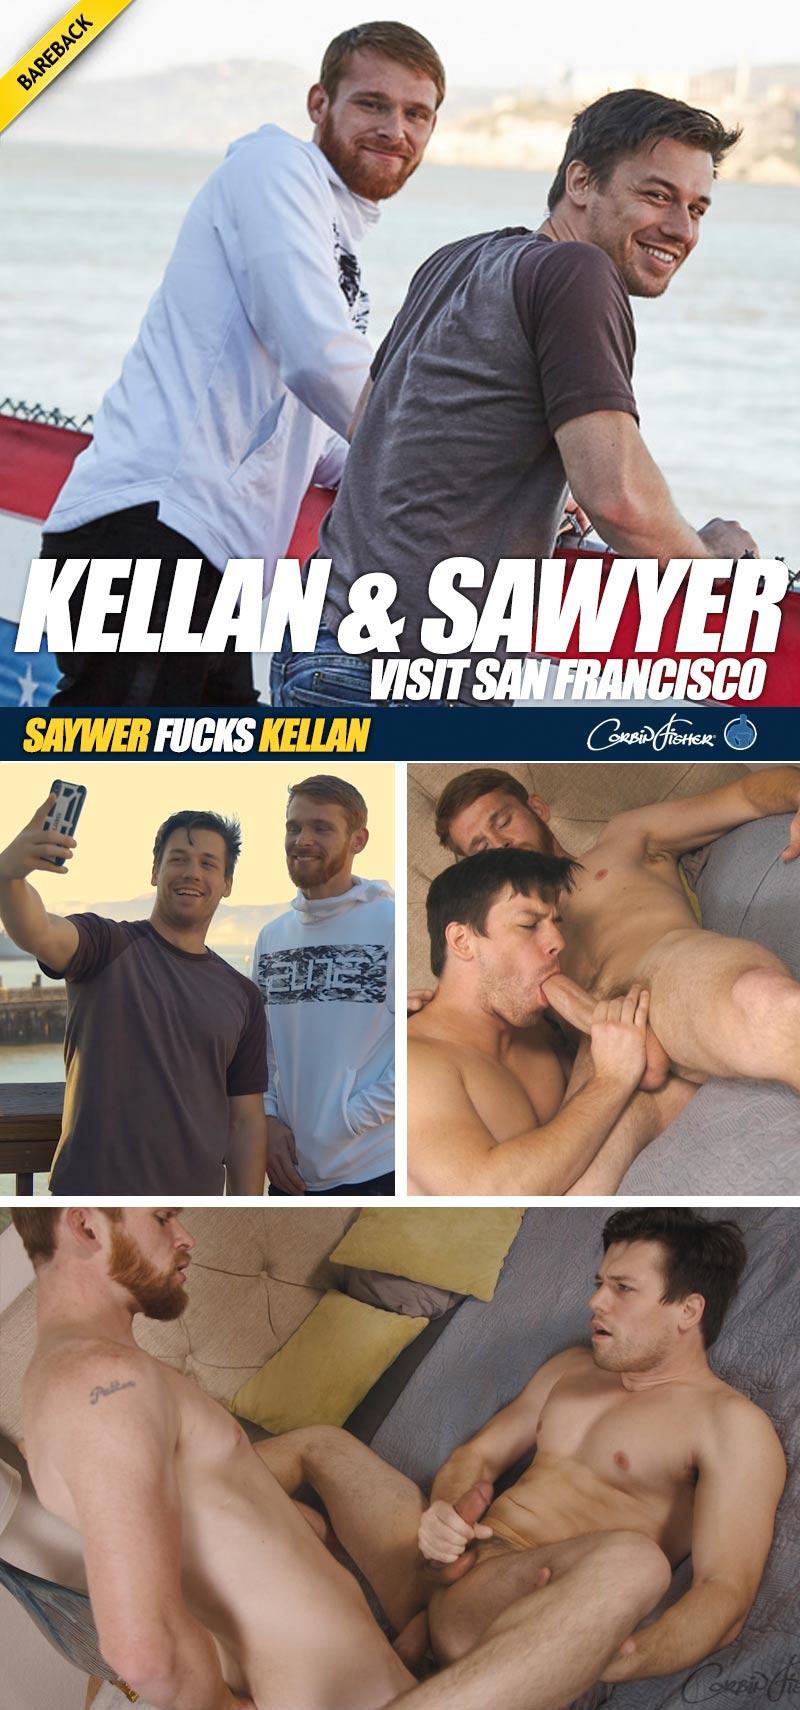 Kellan and Sawyer Visit San Francisco (Bareback) at CorbinFisher